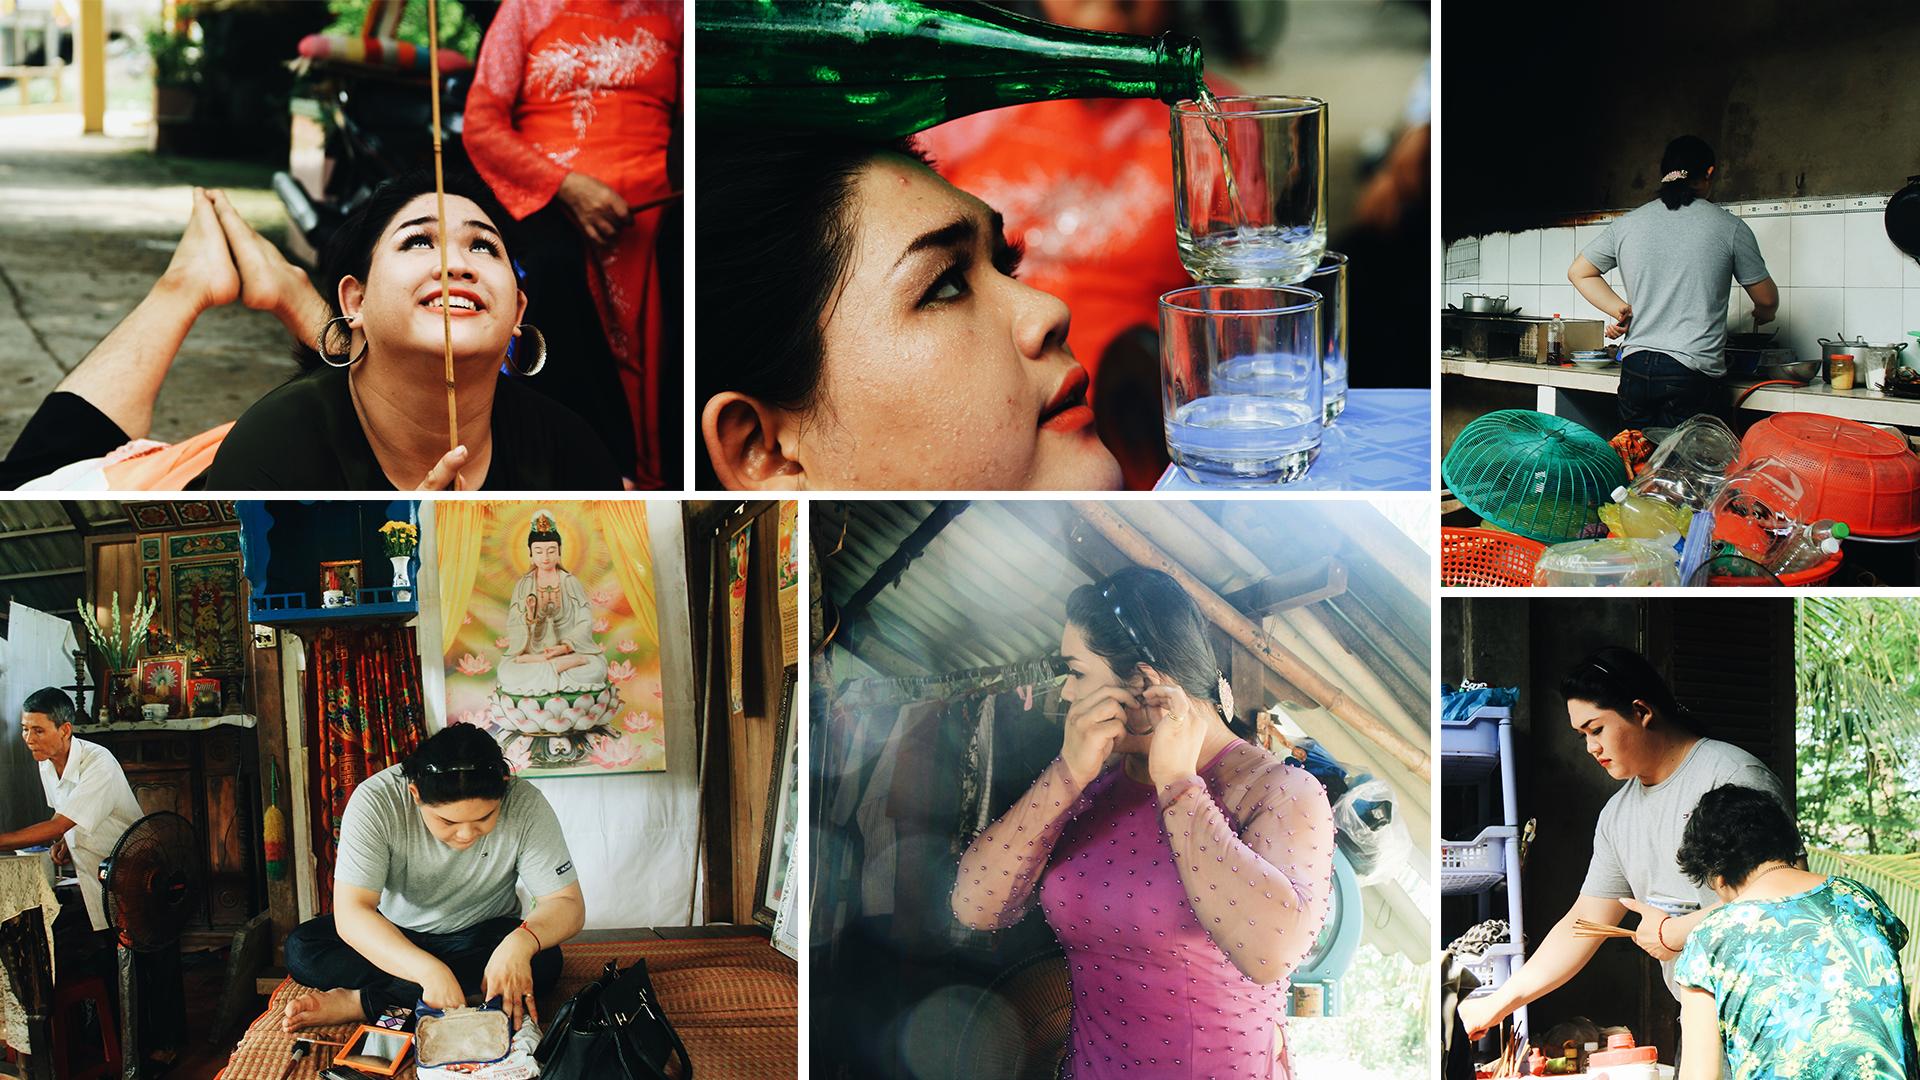 Chuyện đời của cô bóng Mong manh phần 2: 'Vẫn khao khát một tình yêu bình lặng'